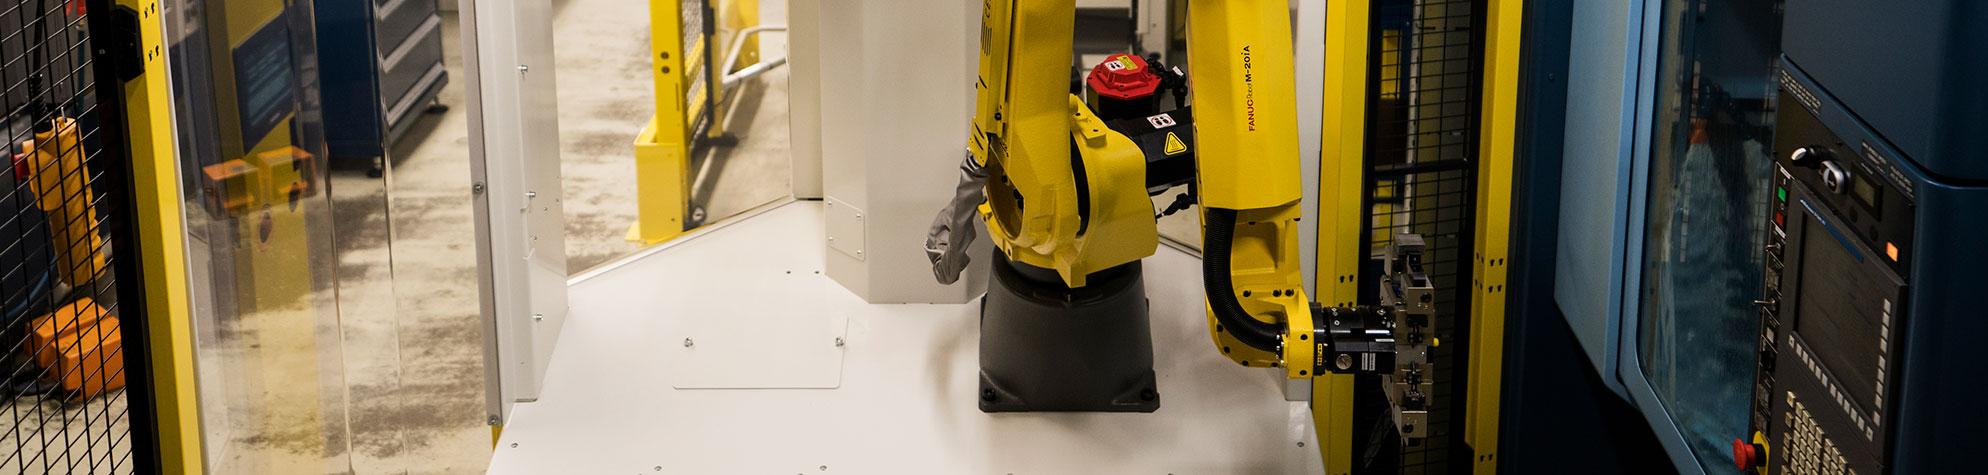 Voordelen automatiseren Cellro